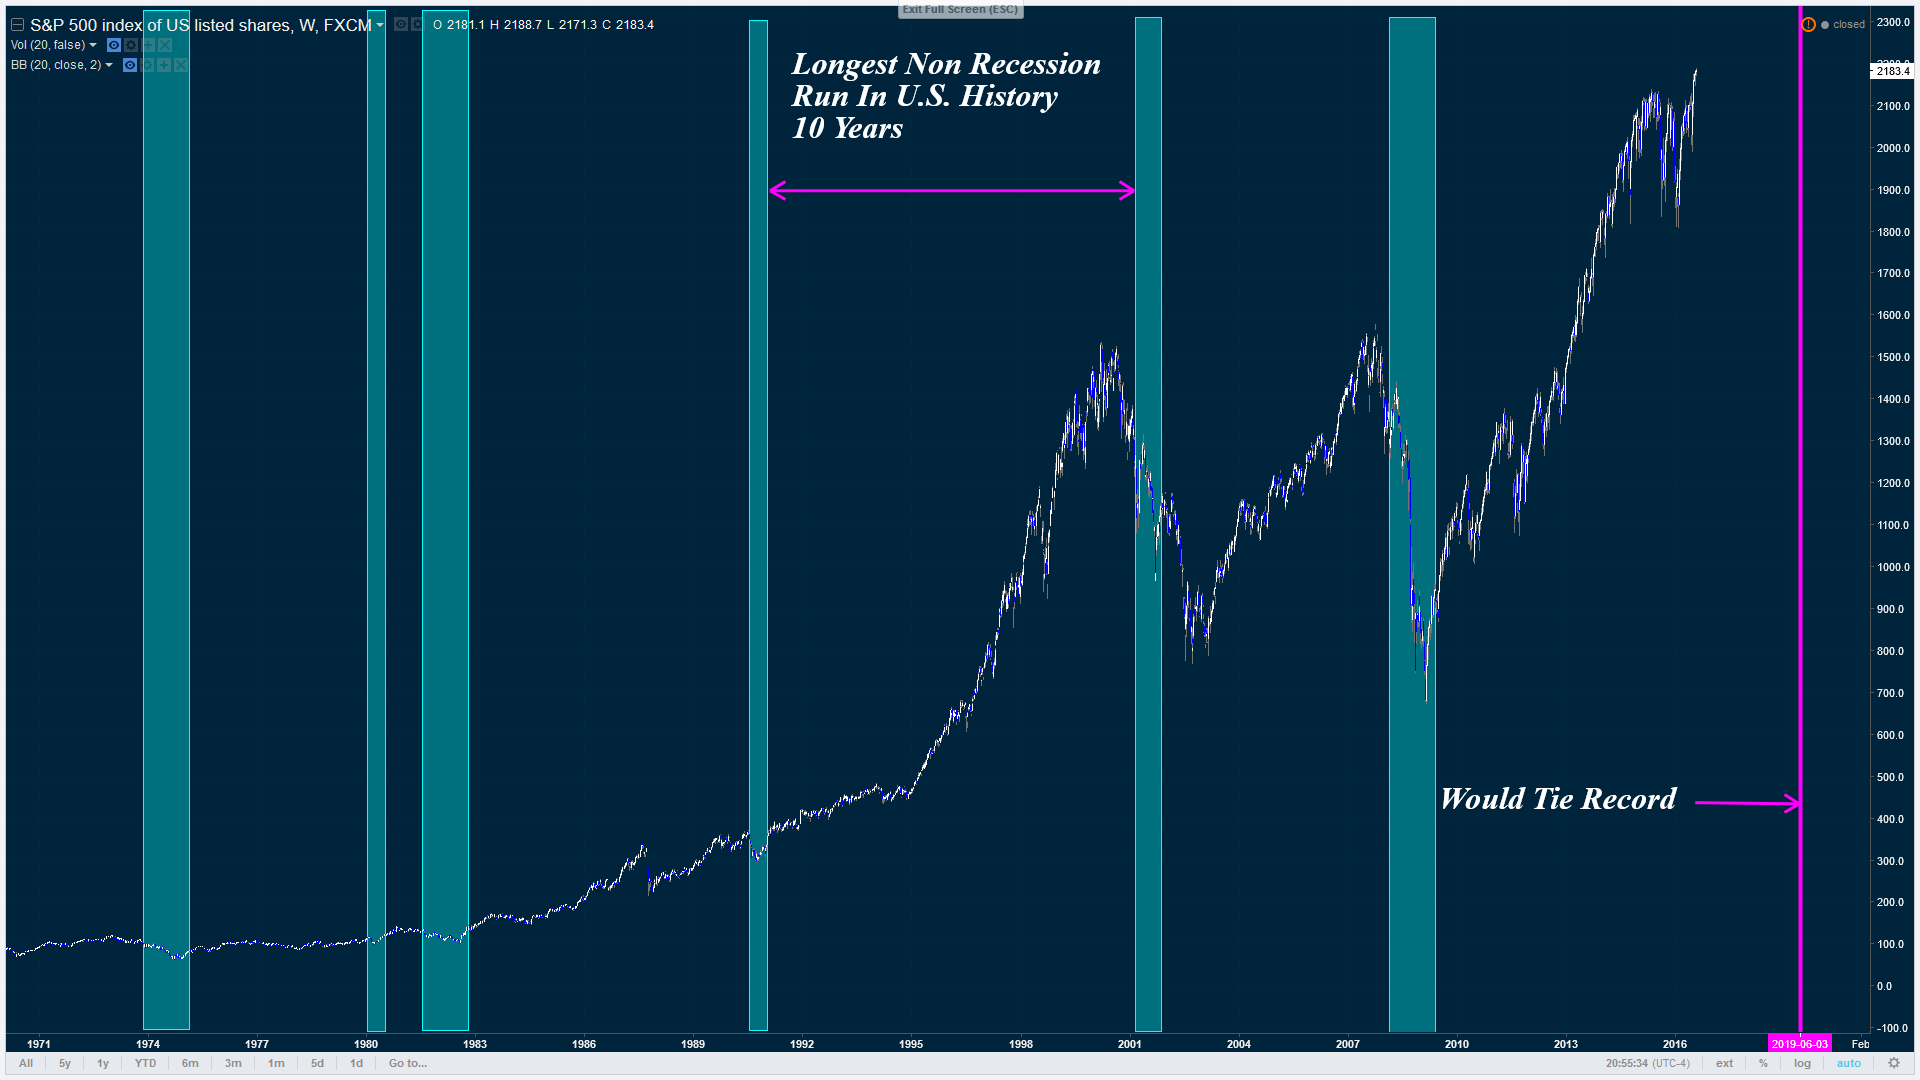 U.S. Recessions